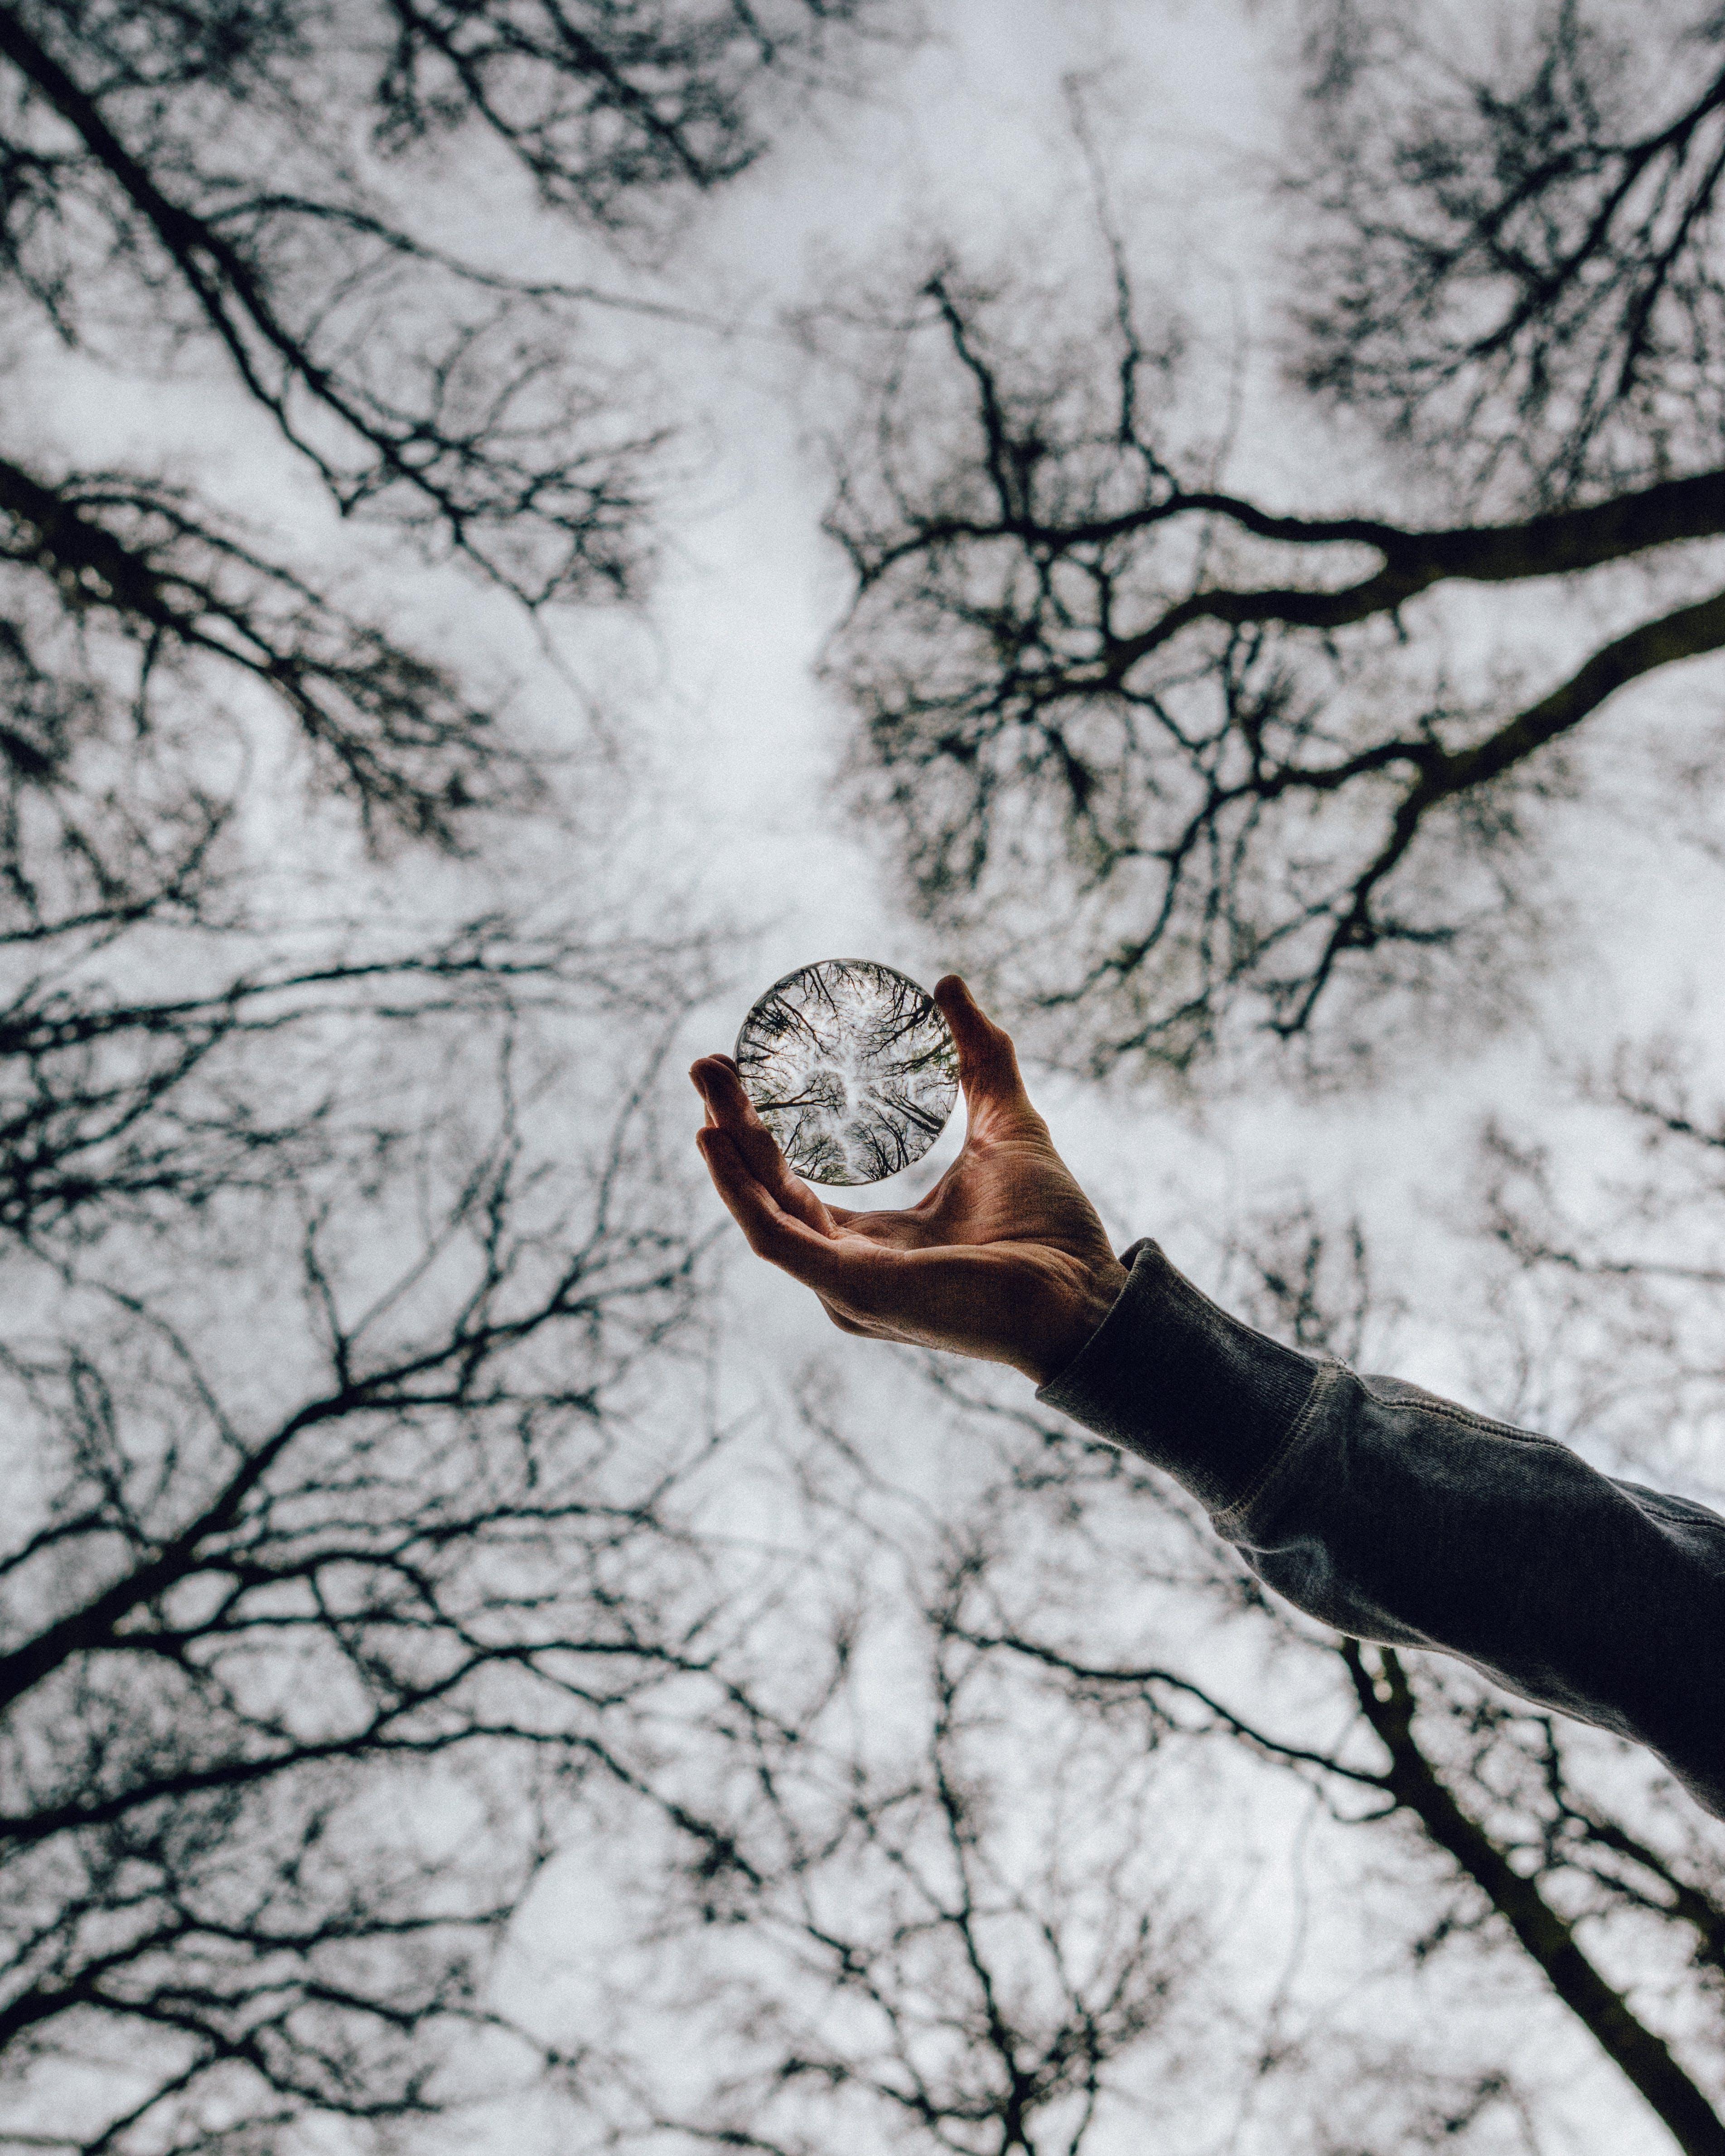 Foto d'estoc gratuïta de aguantar, arbres, bola de vide, bola de vidre